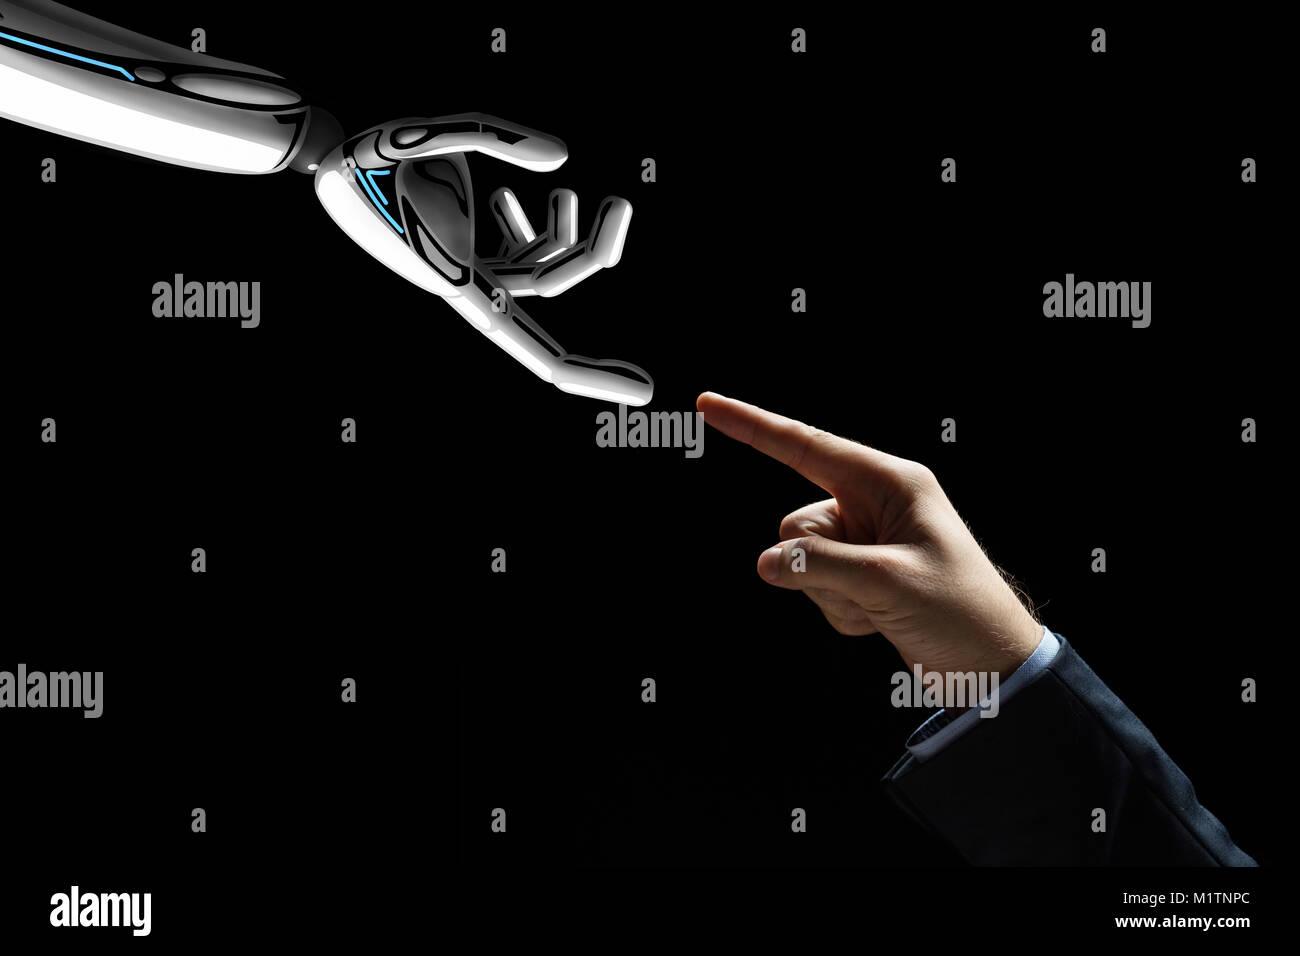 El robot y la mano humana conectando los dedos Imagen De Stock